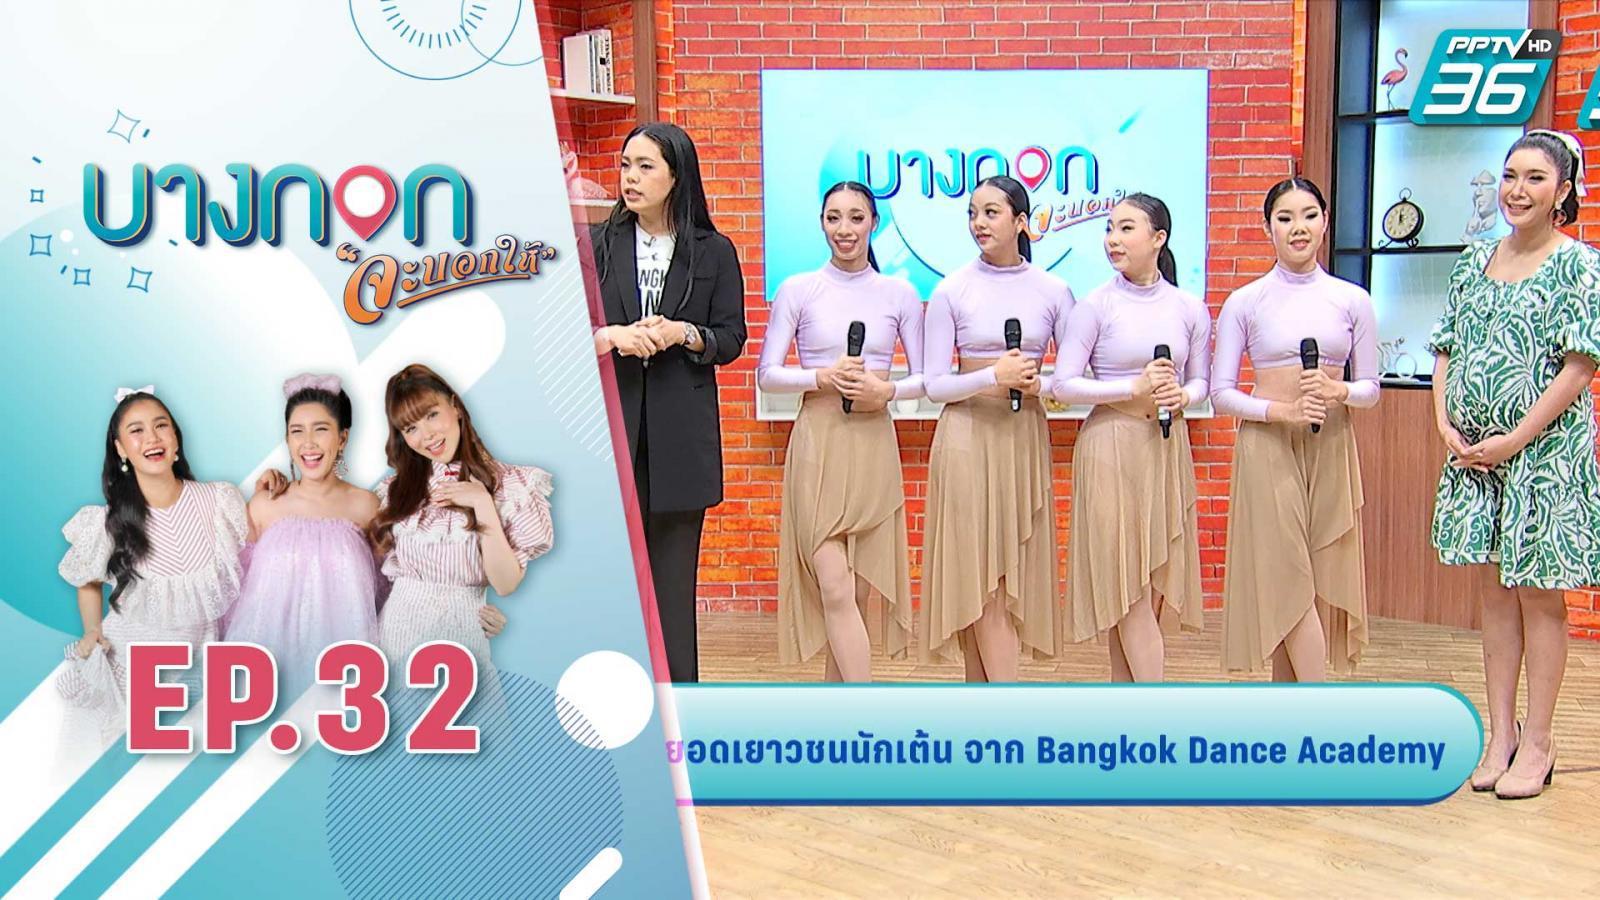 สุดยอดเยาวชนนักเต้นของเมืองไทย Bangkok Dance Academy